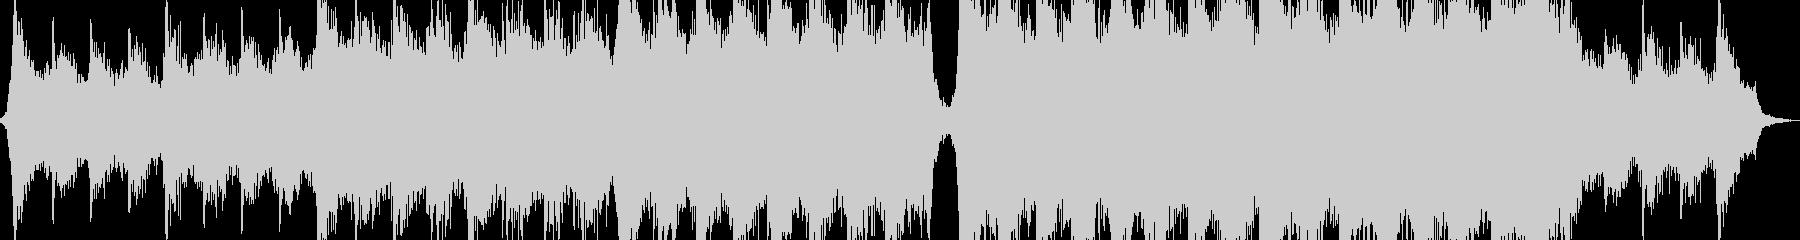 パワフルヒロイックエピックシネマティックの未再生の波形